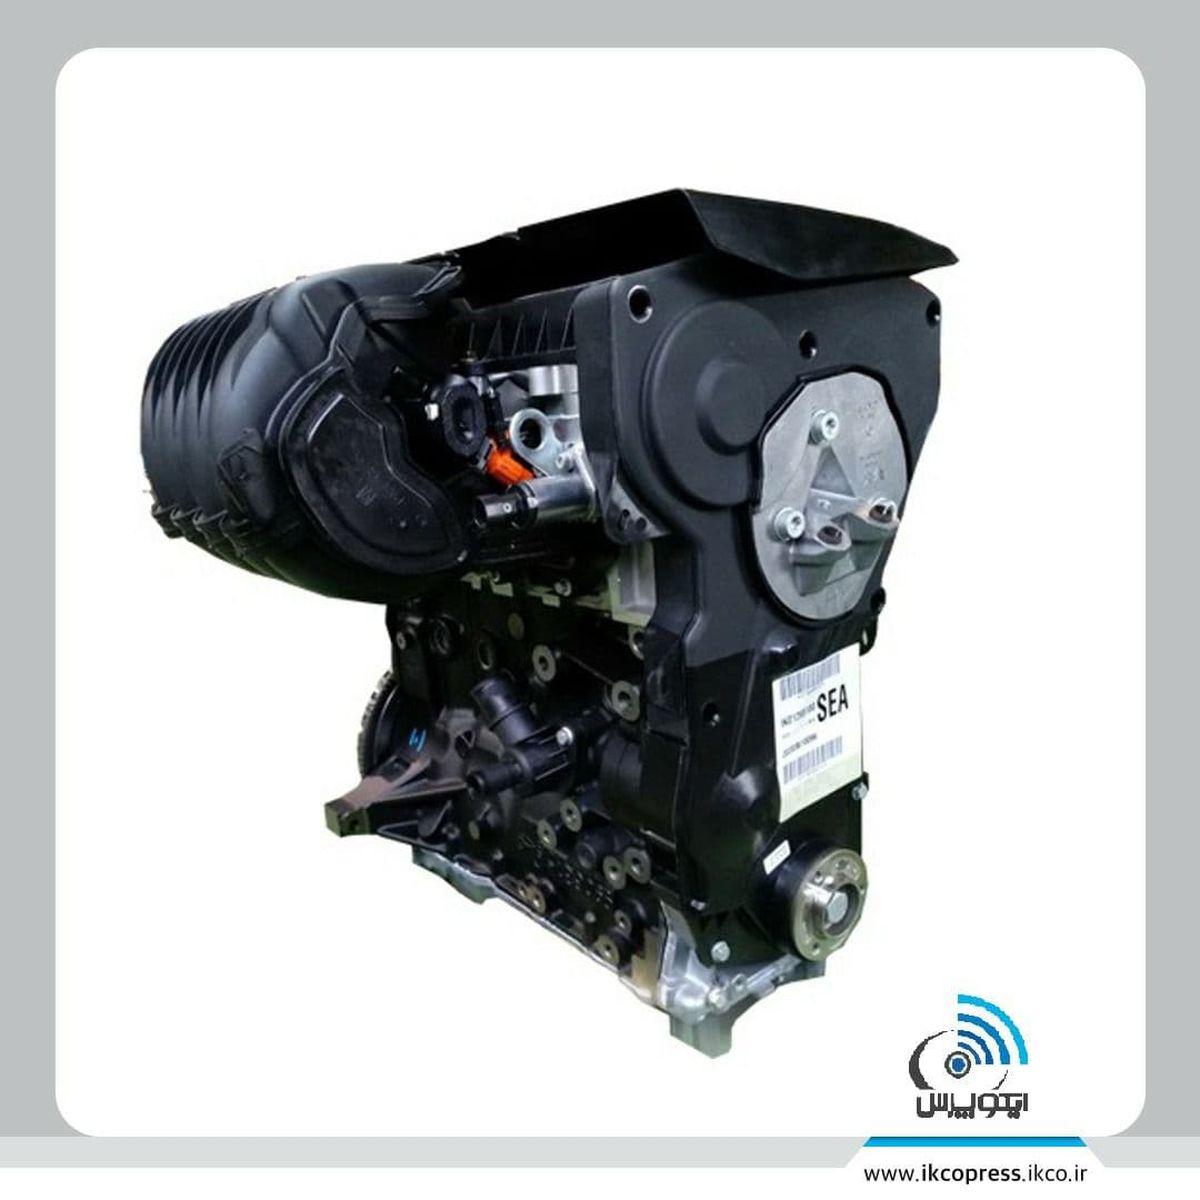 تولید روزانه هزار دستگاه موتور +TU5